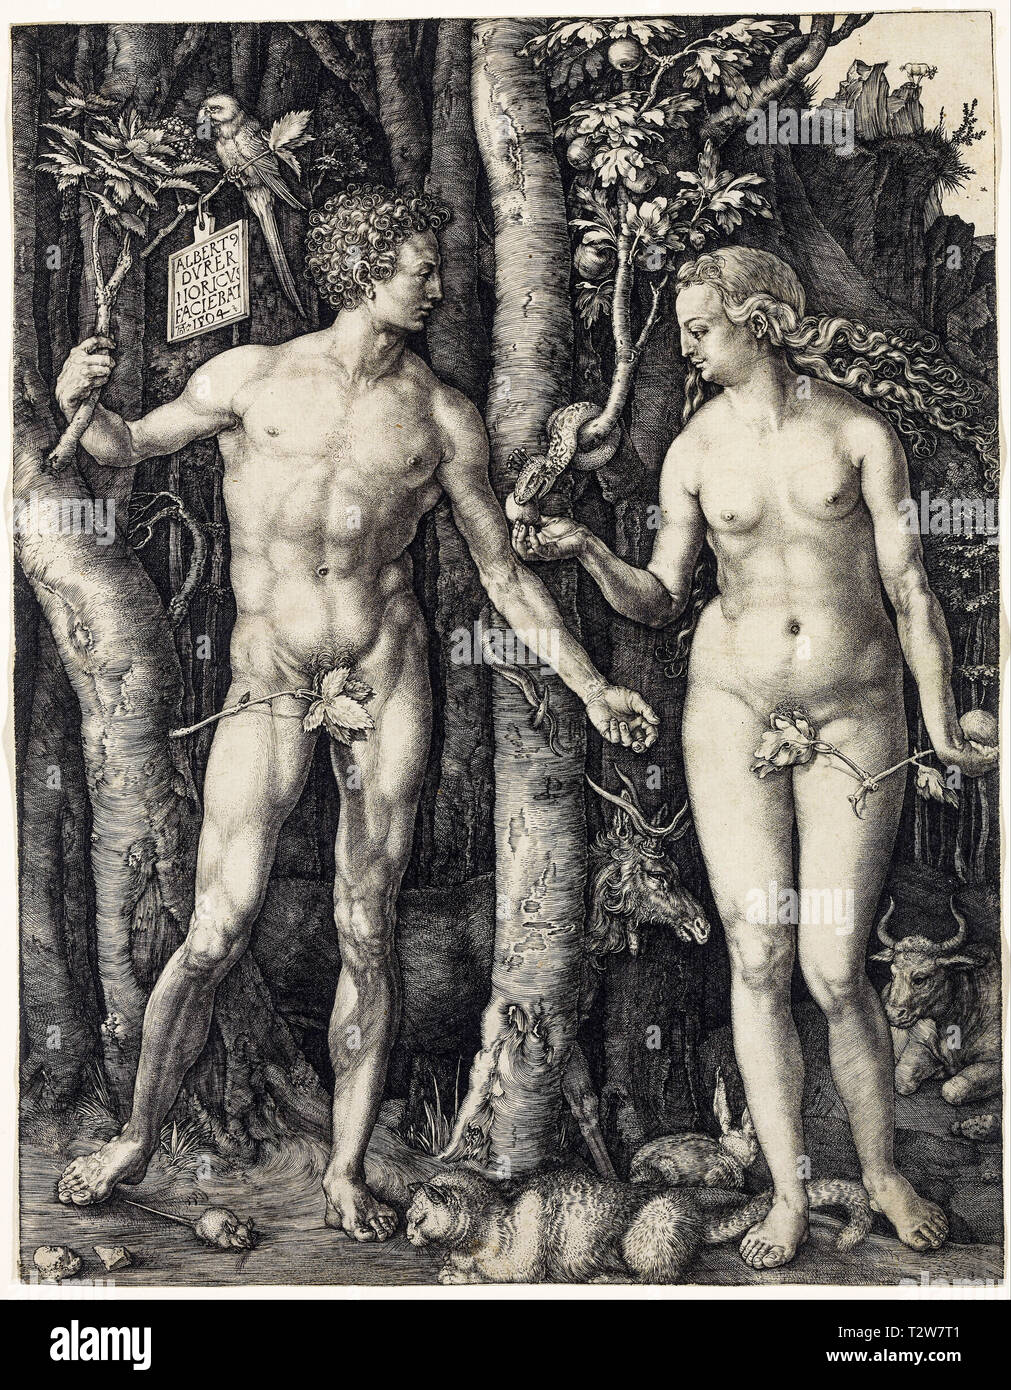 Albrecht Dürer, Adam und Eva, Kupferstich, 1504 Stockbild